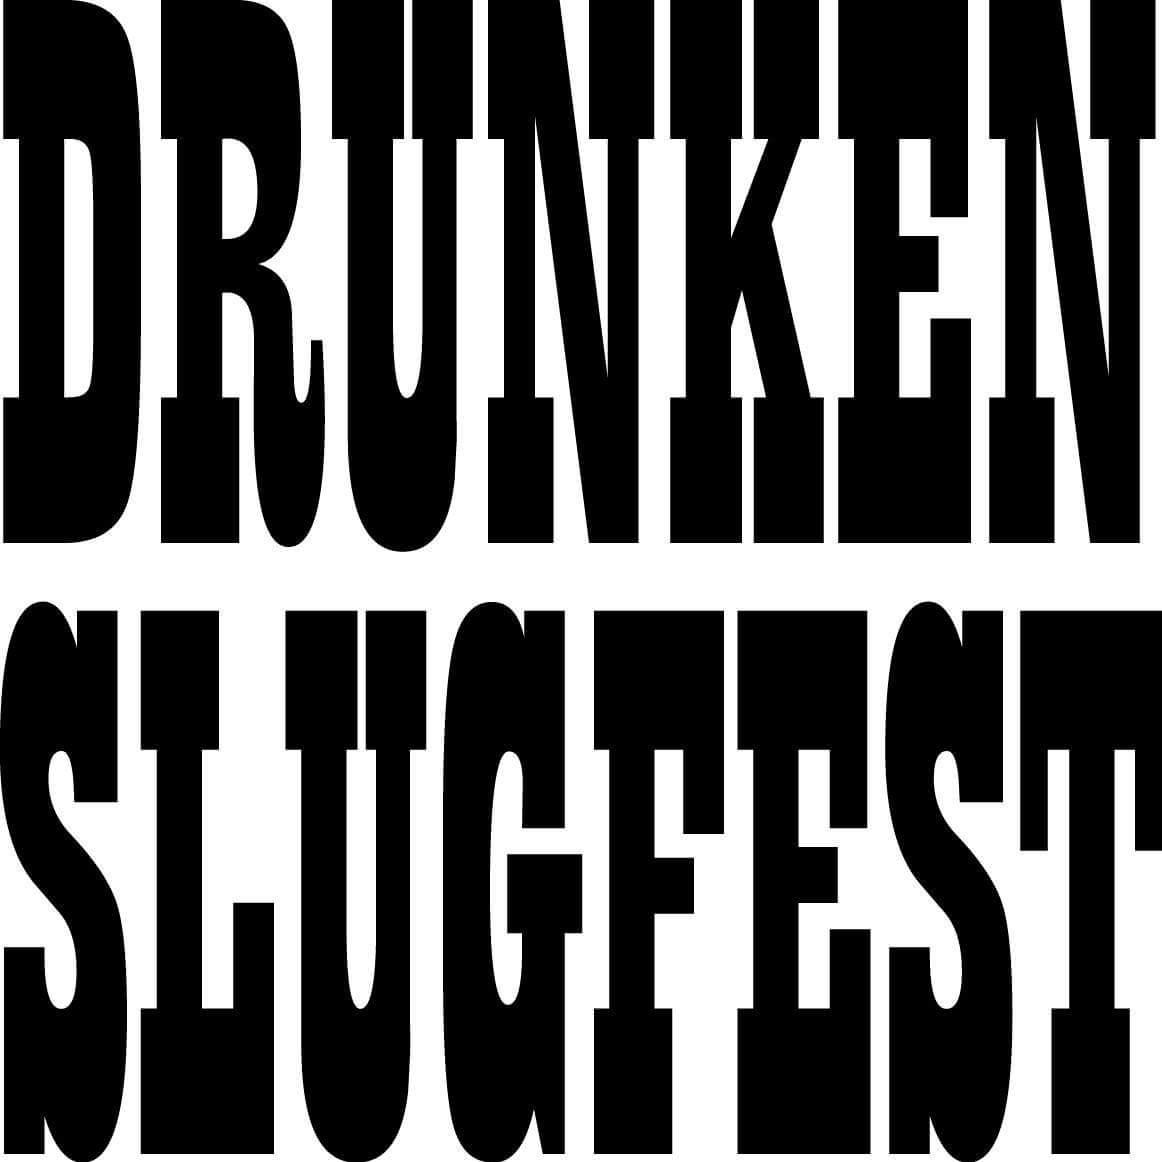 Drunken_Slugfest